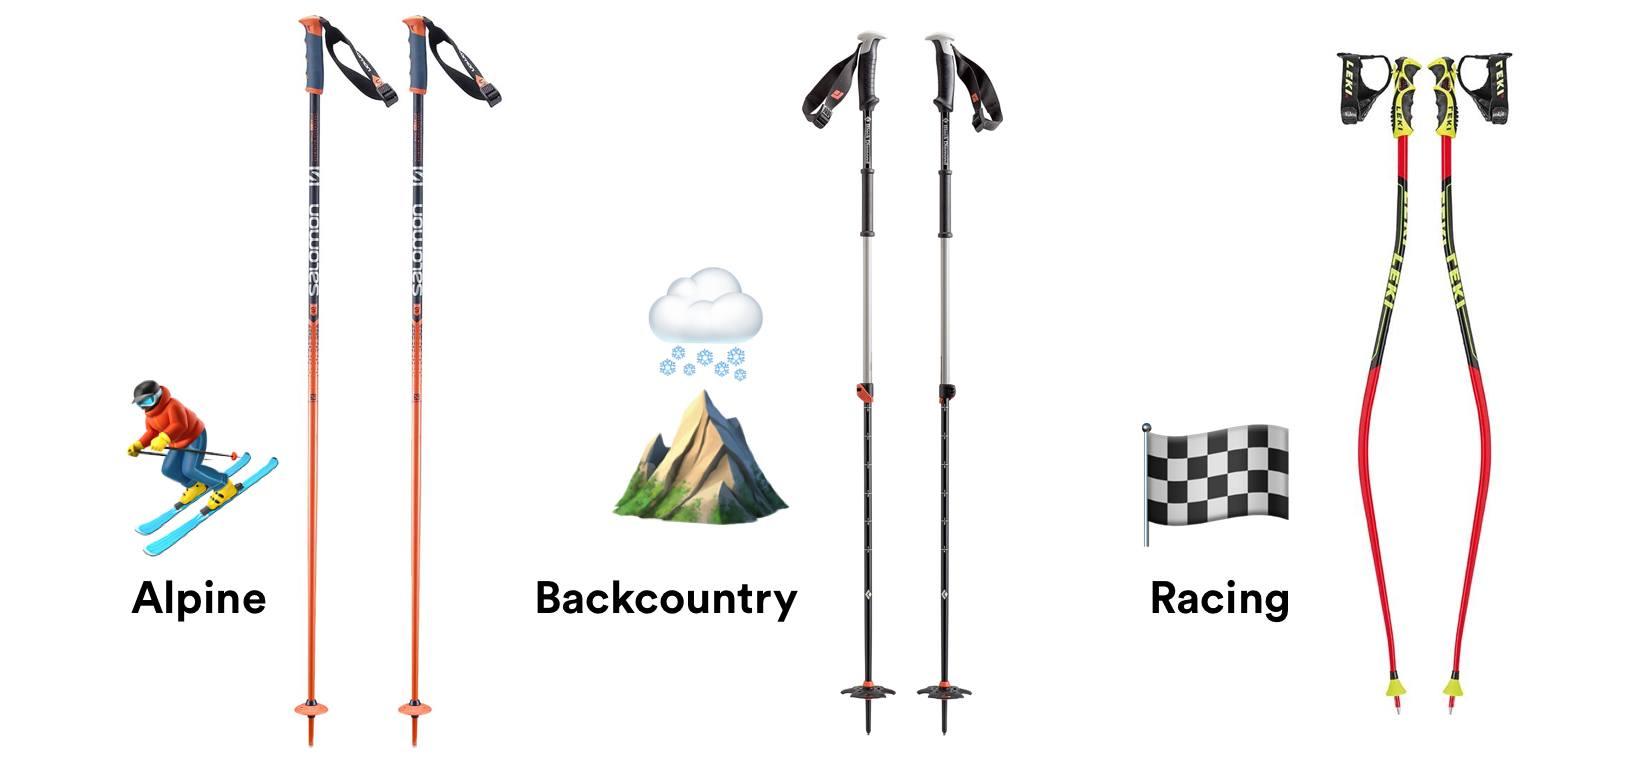 ski pole types